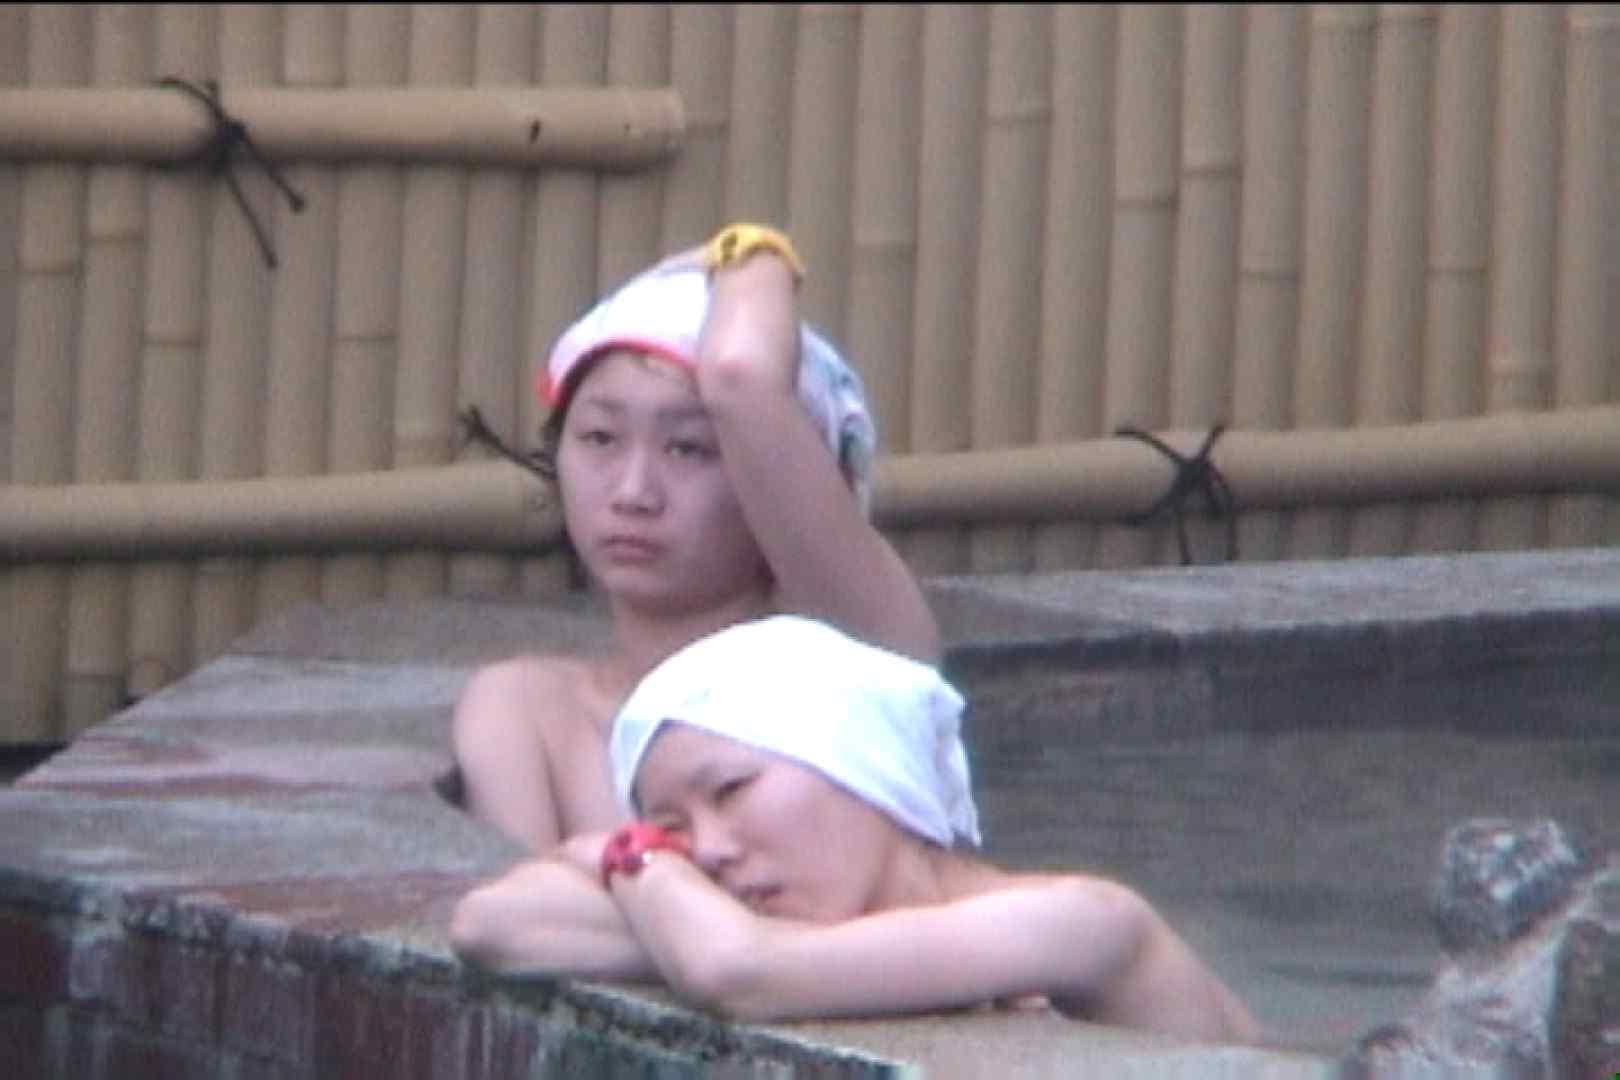 Aquaな露天風呂Vol.91【VIP限定】 盗撮師作品 | 美しいOLの裸体  77pic 43